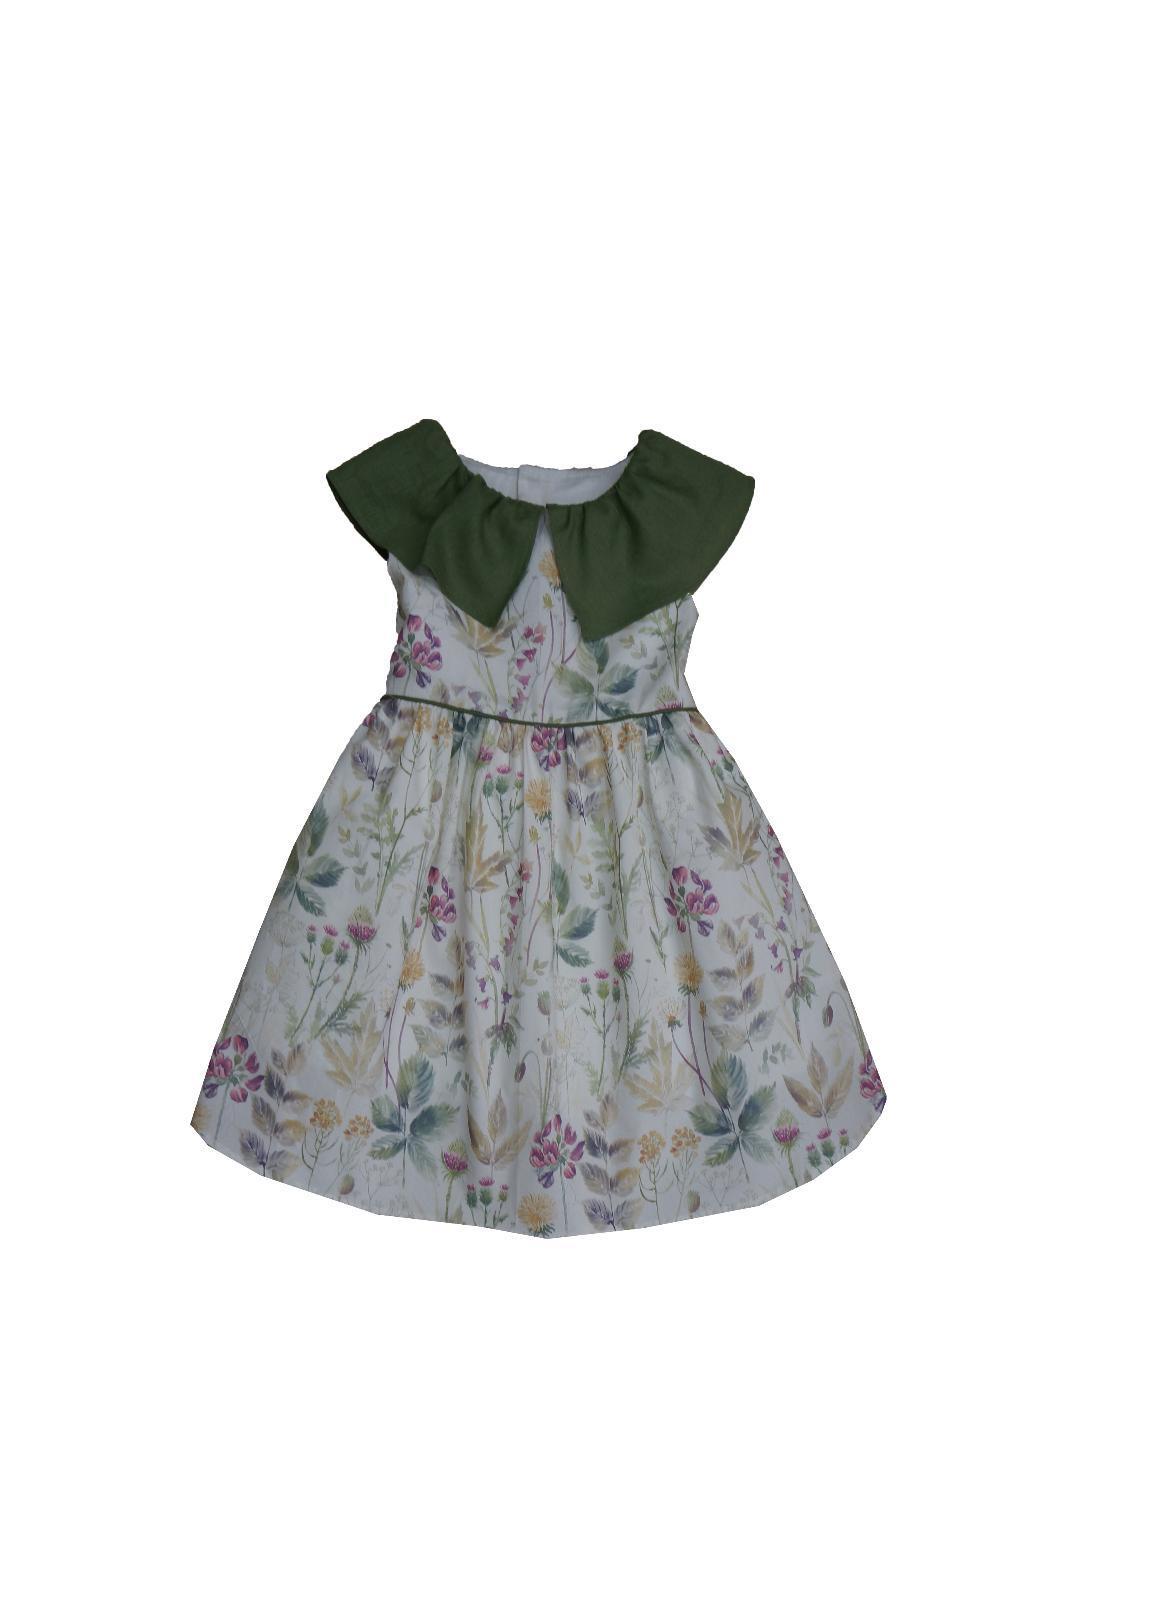 Vestido Ancar flores moradas.